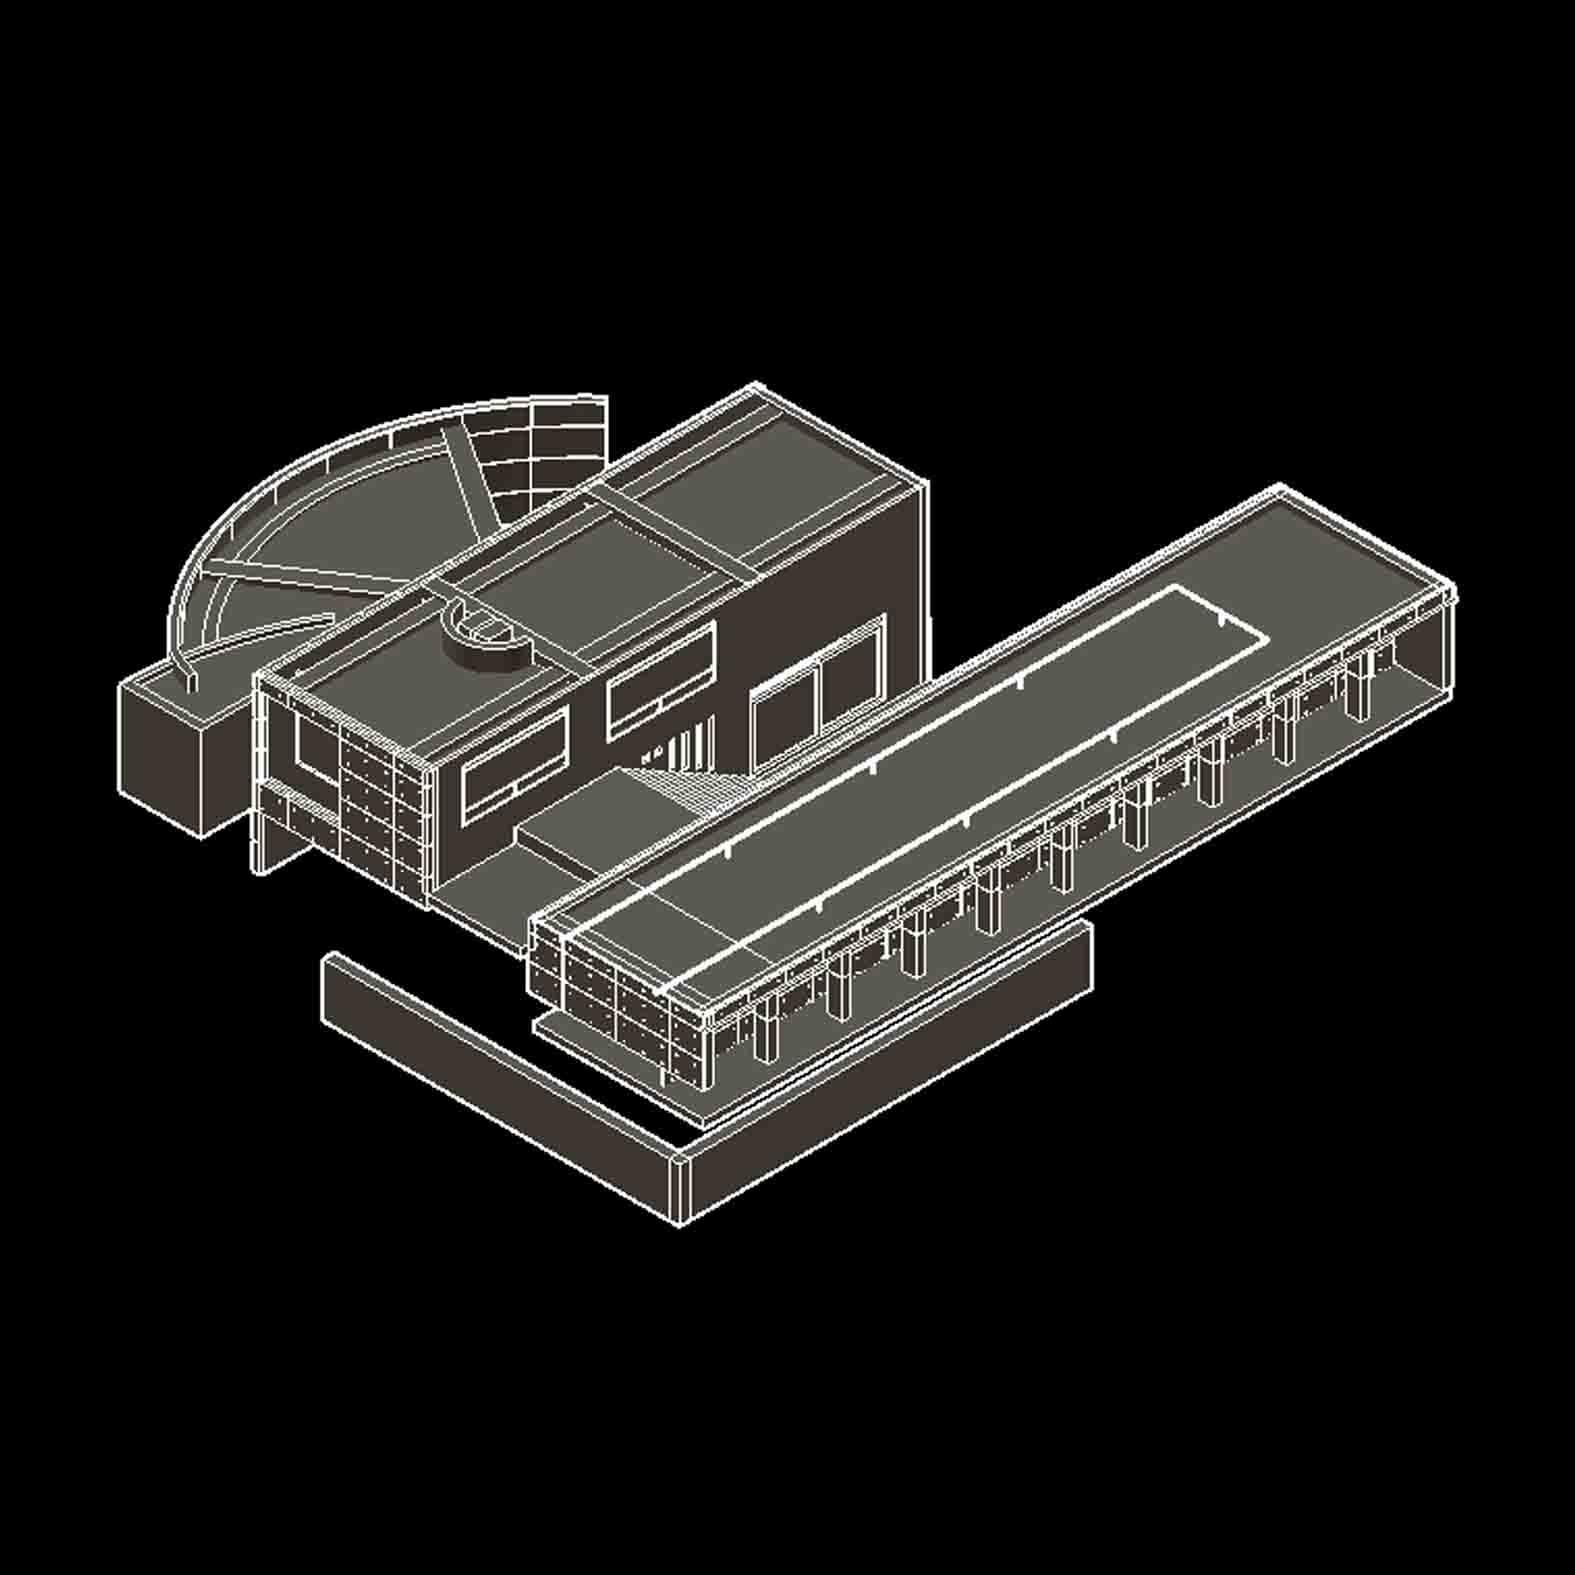 Plano: Casa Koshino / Tadao Ando